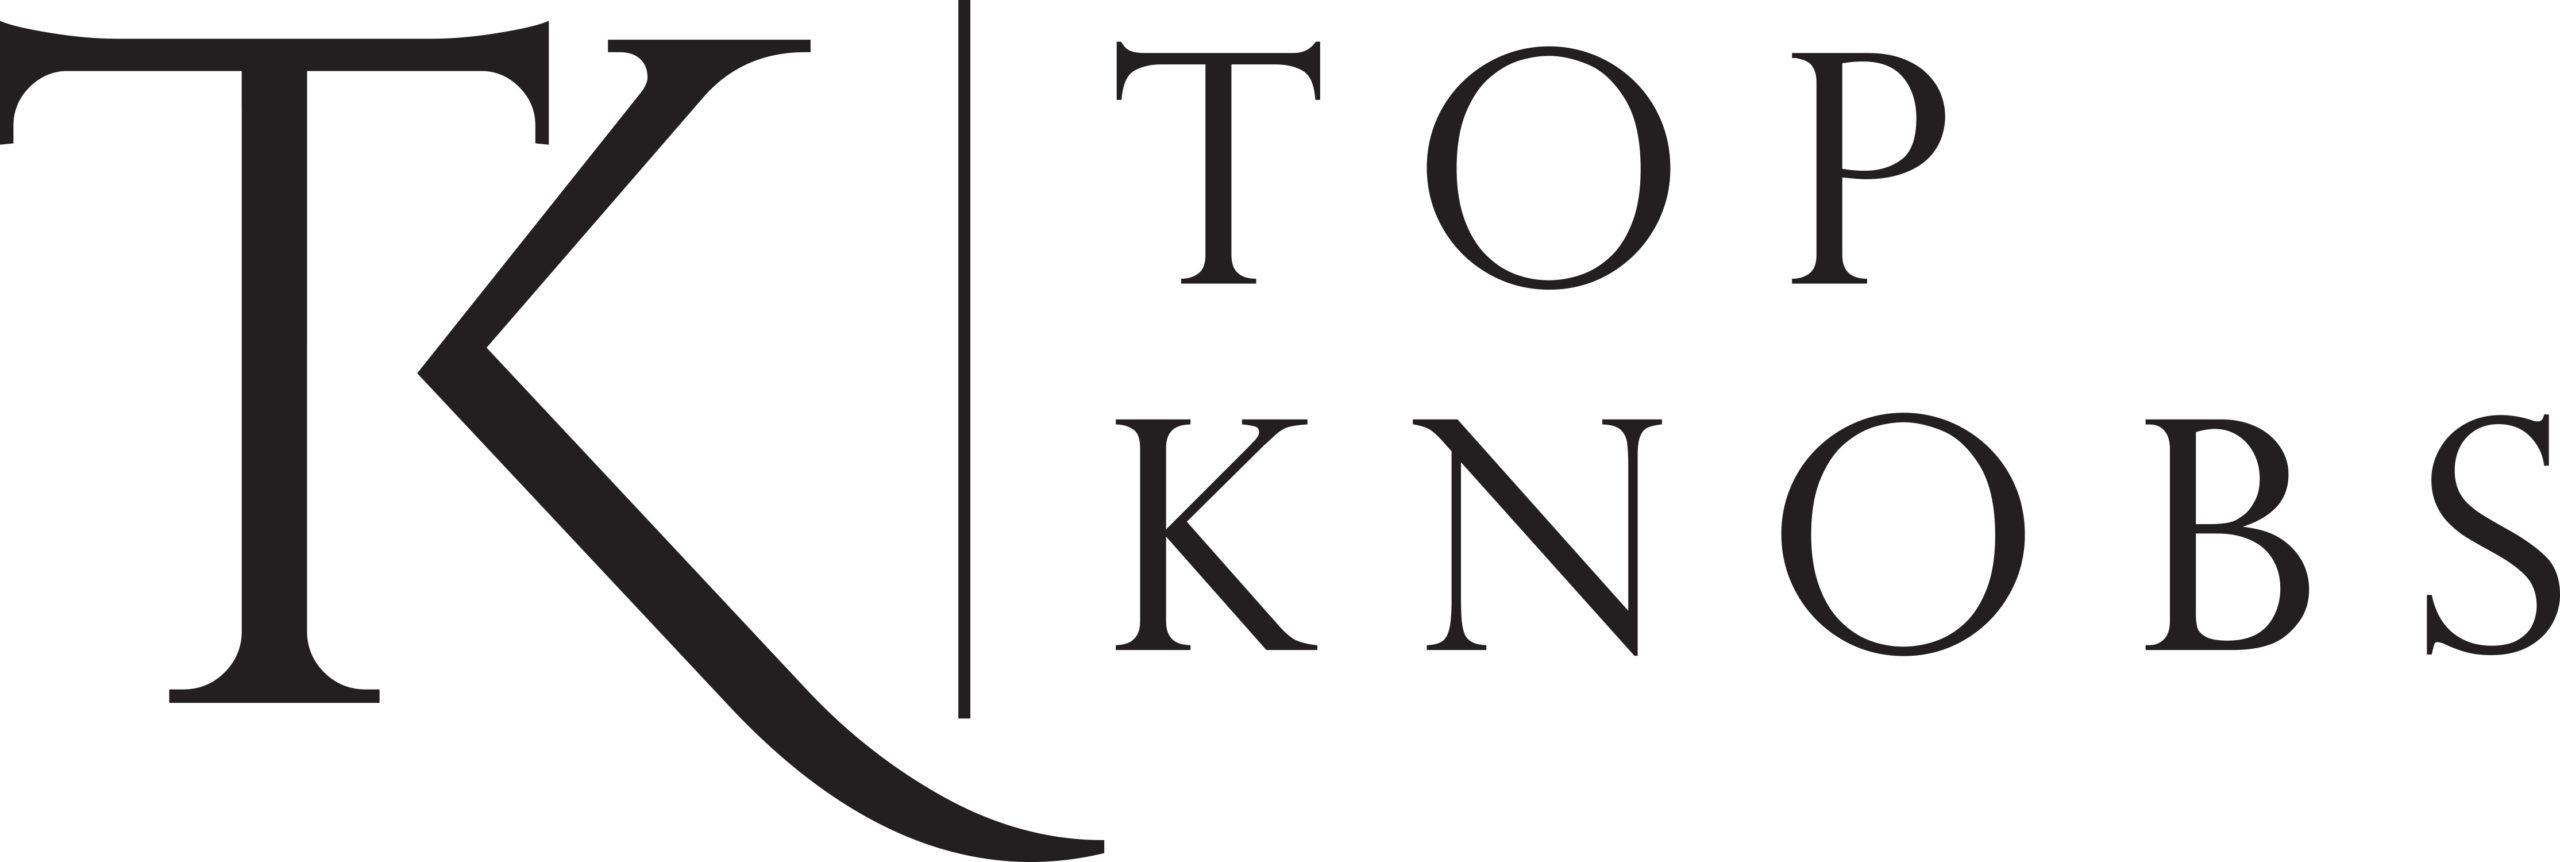 Tk Logo Stacked Outlined Black